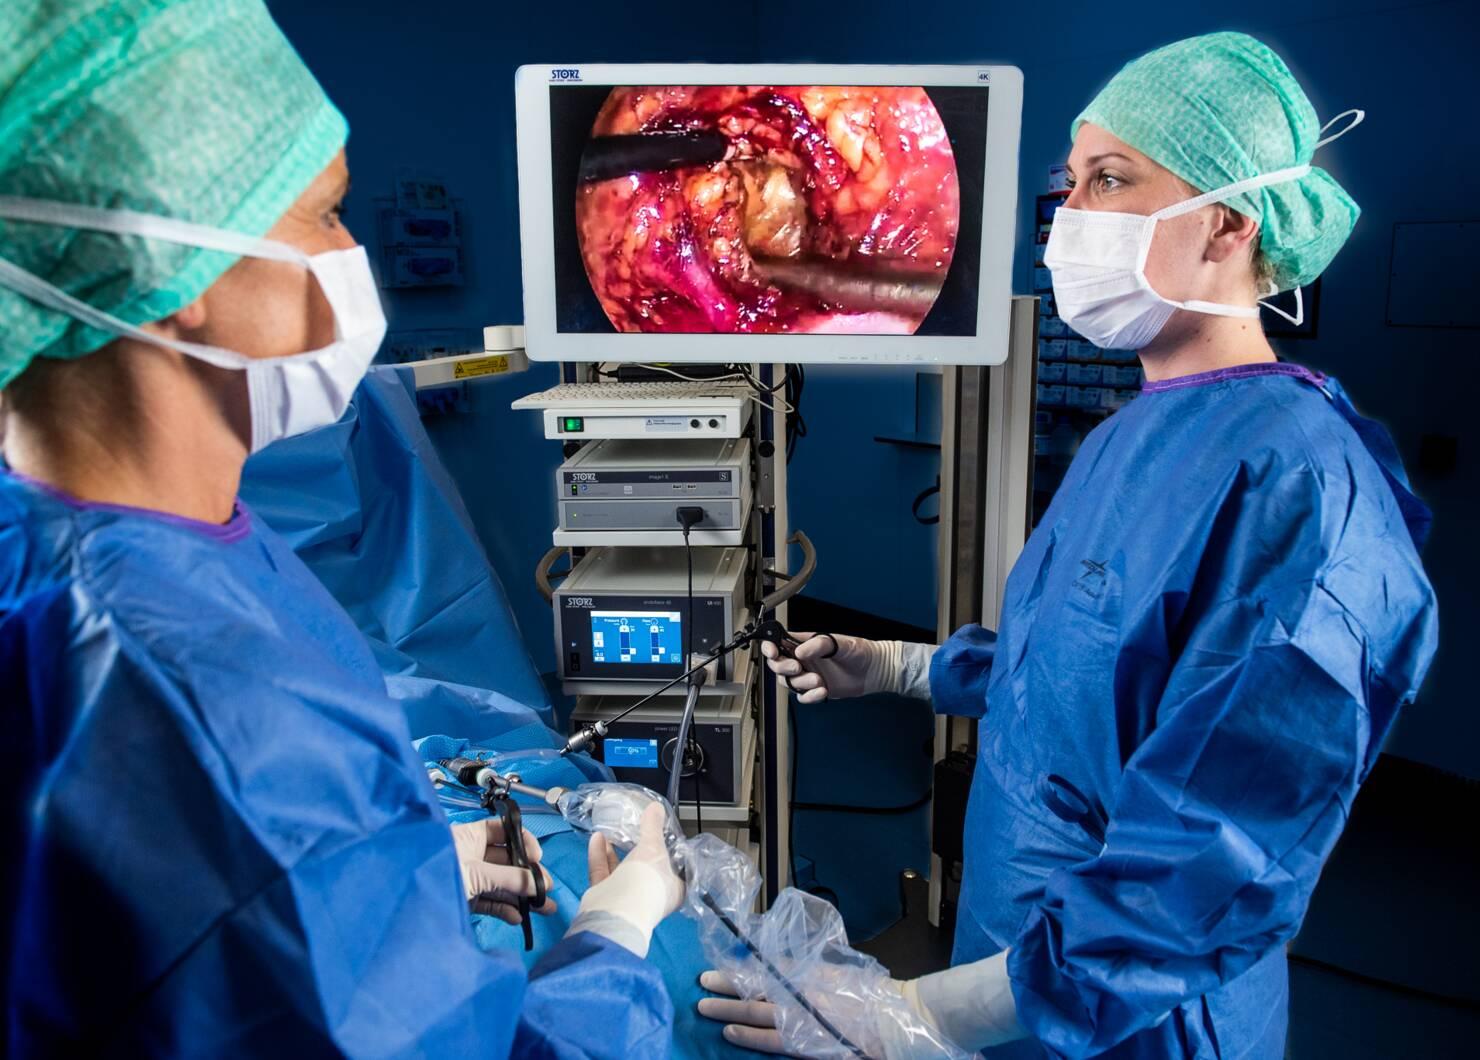 Opération endoscopique avec un équipement Karl Storz